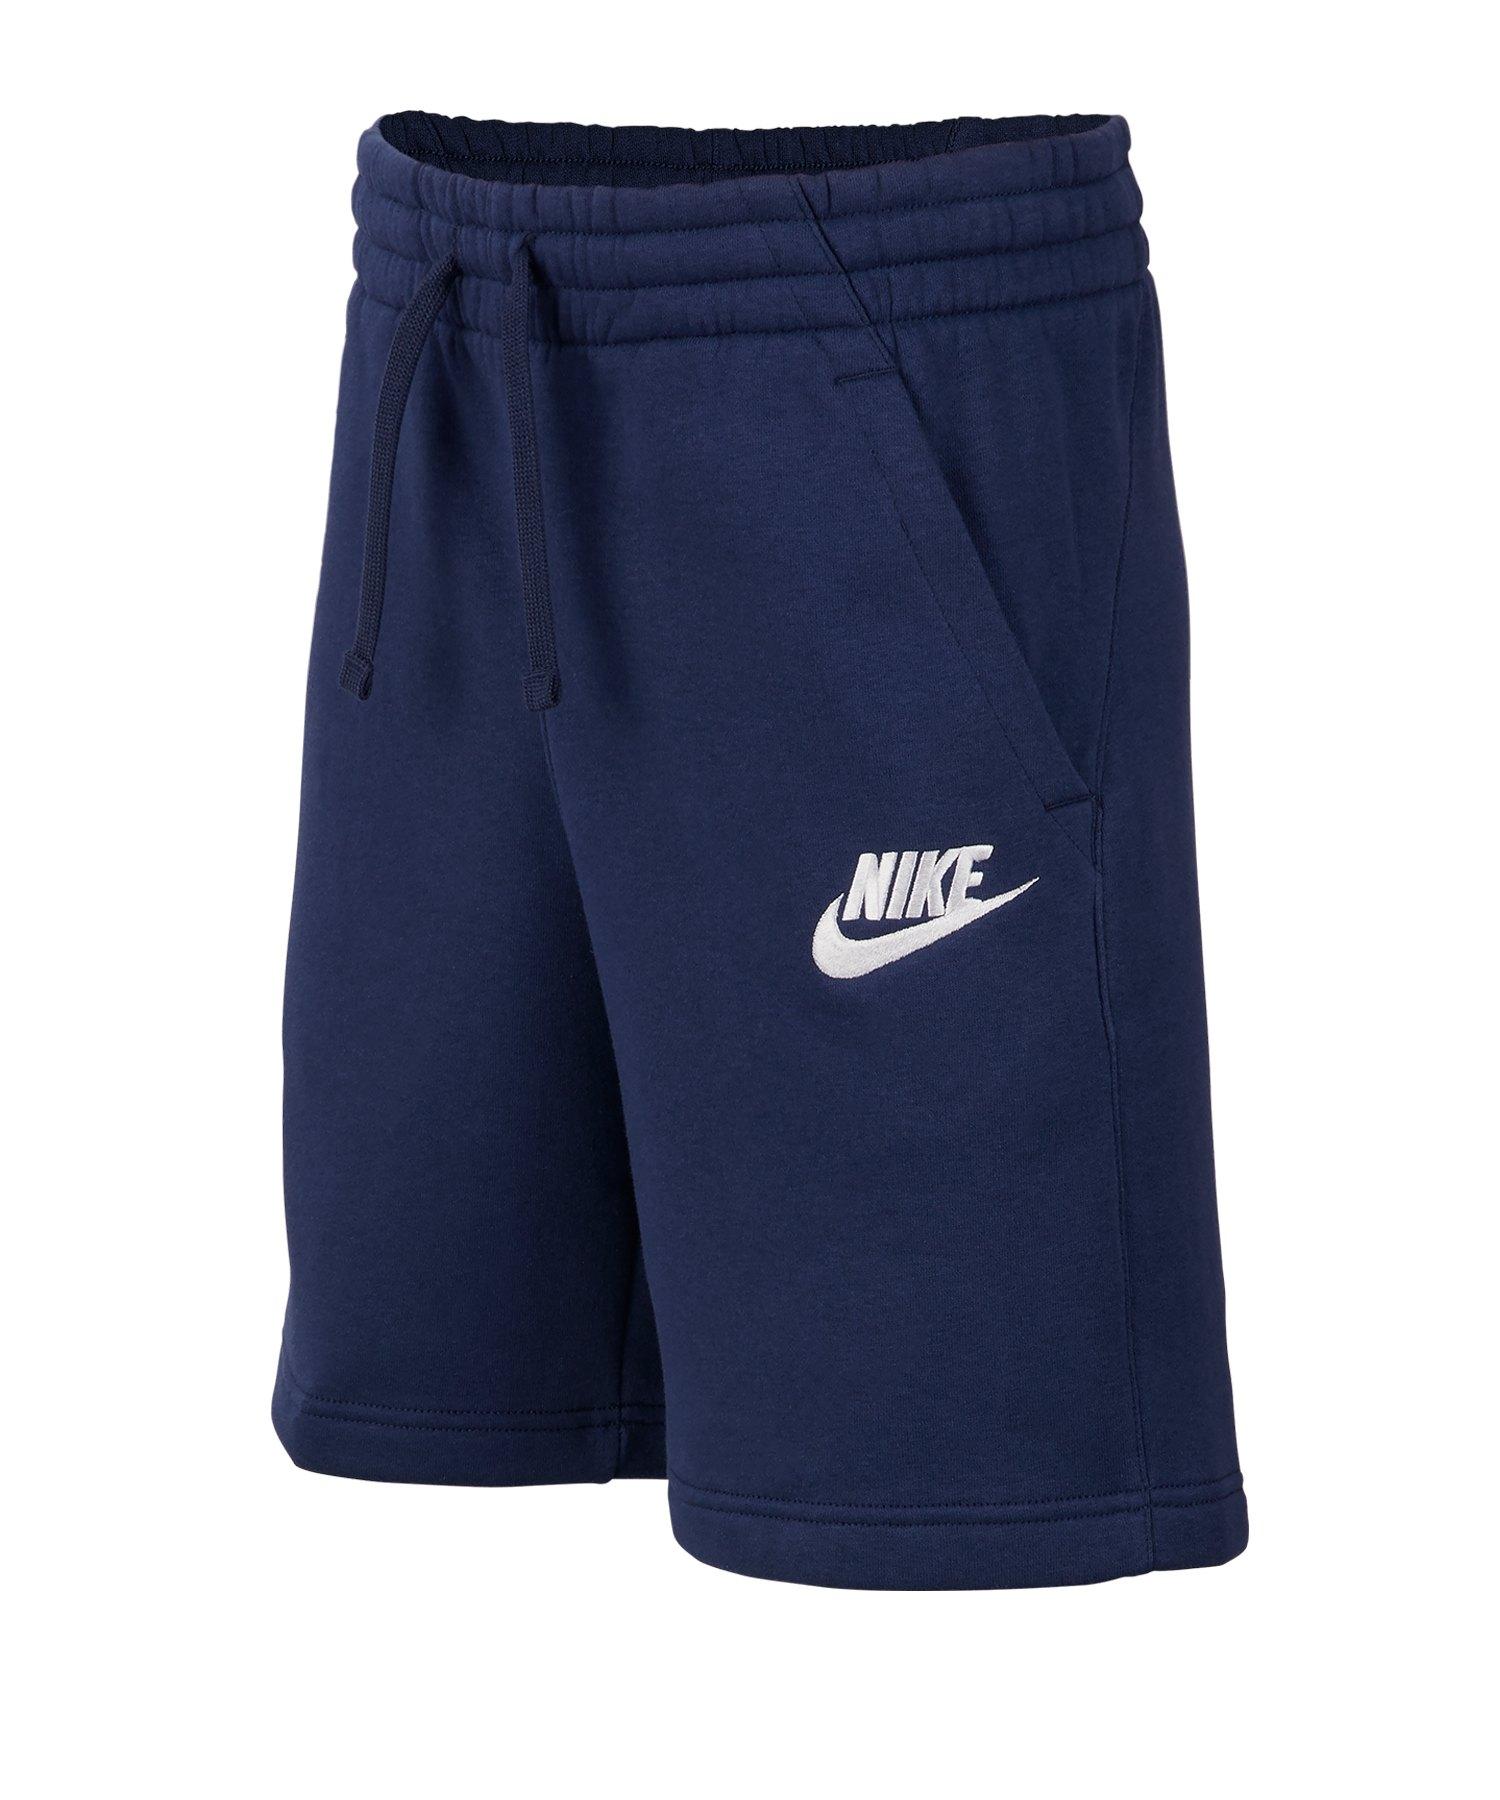 Nike Club Fleece Short Blau F410 - blau